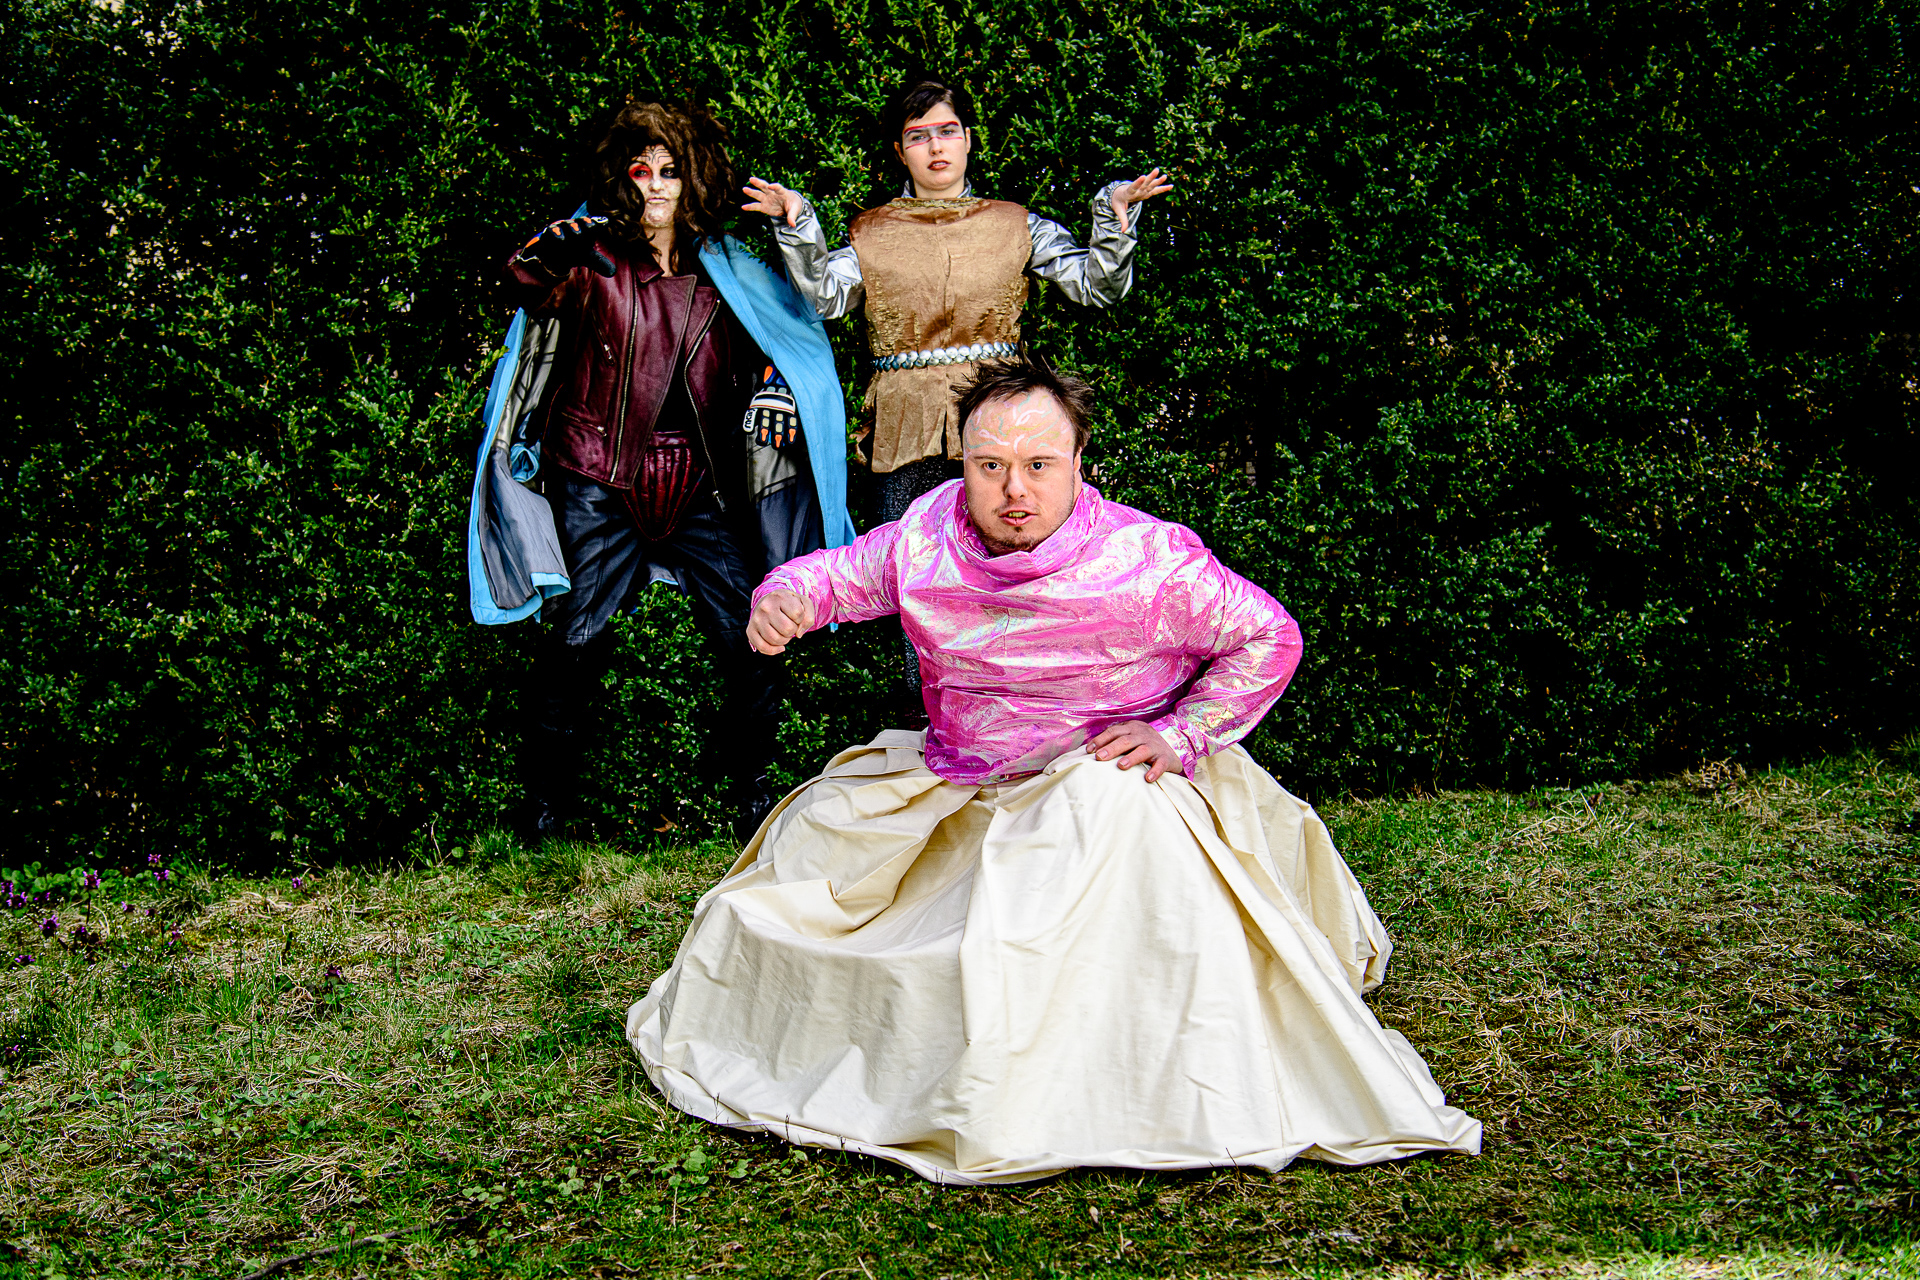 Drei Performer:innen in Kostuemen auf einer Wiese vor einer Hecke